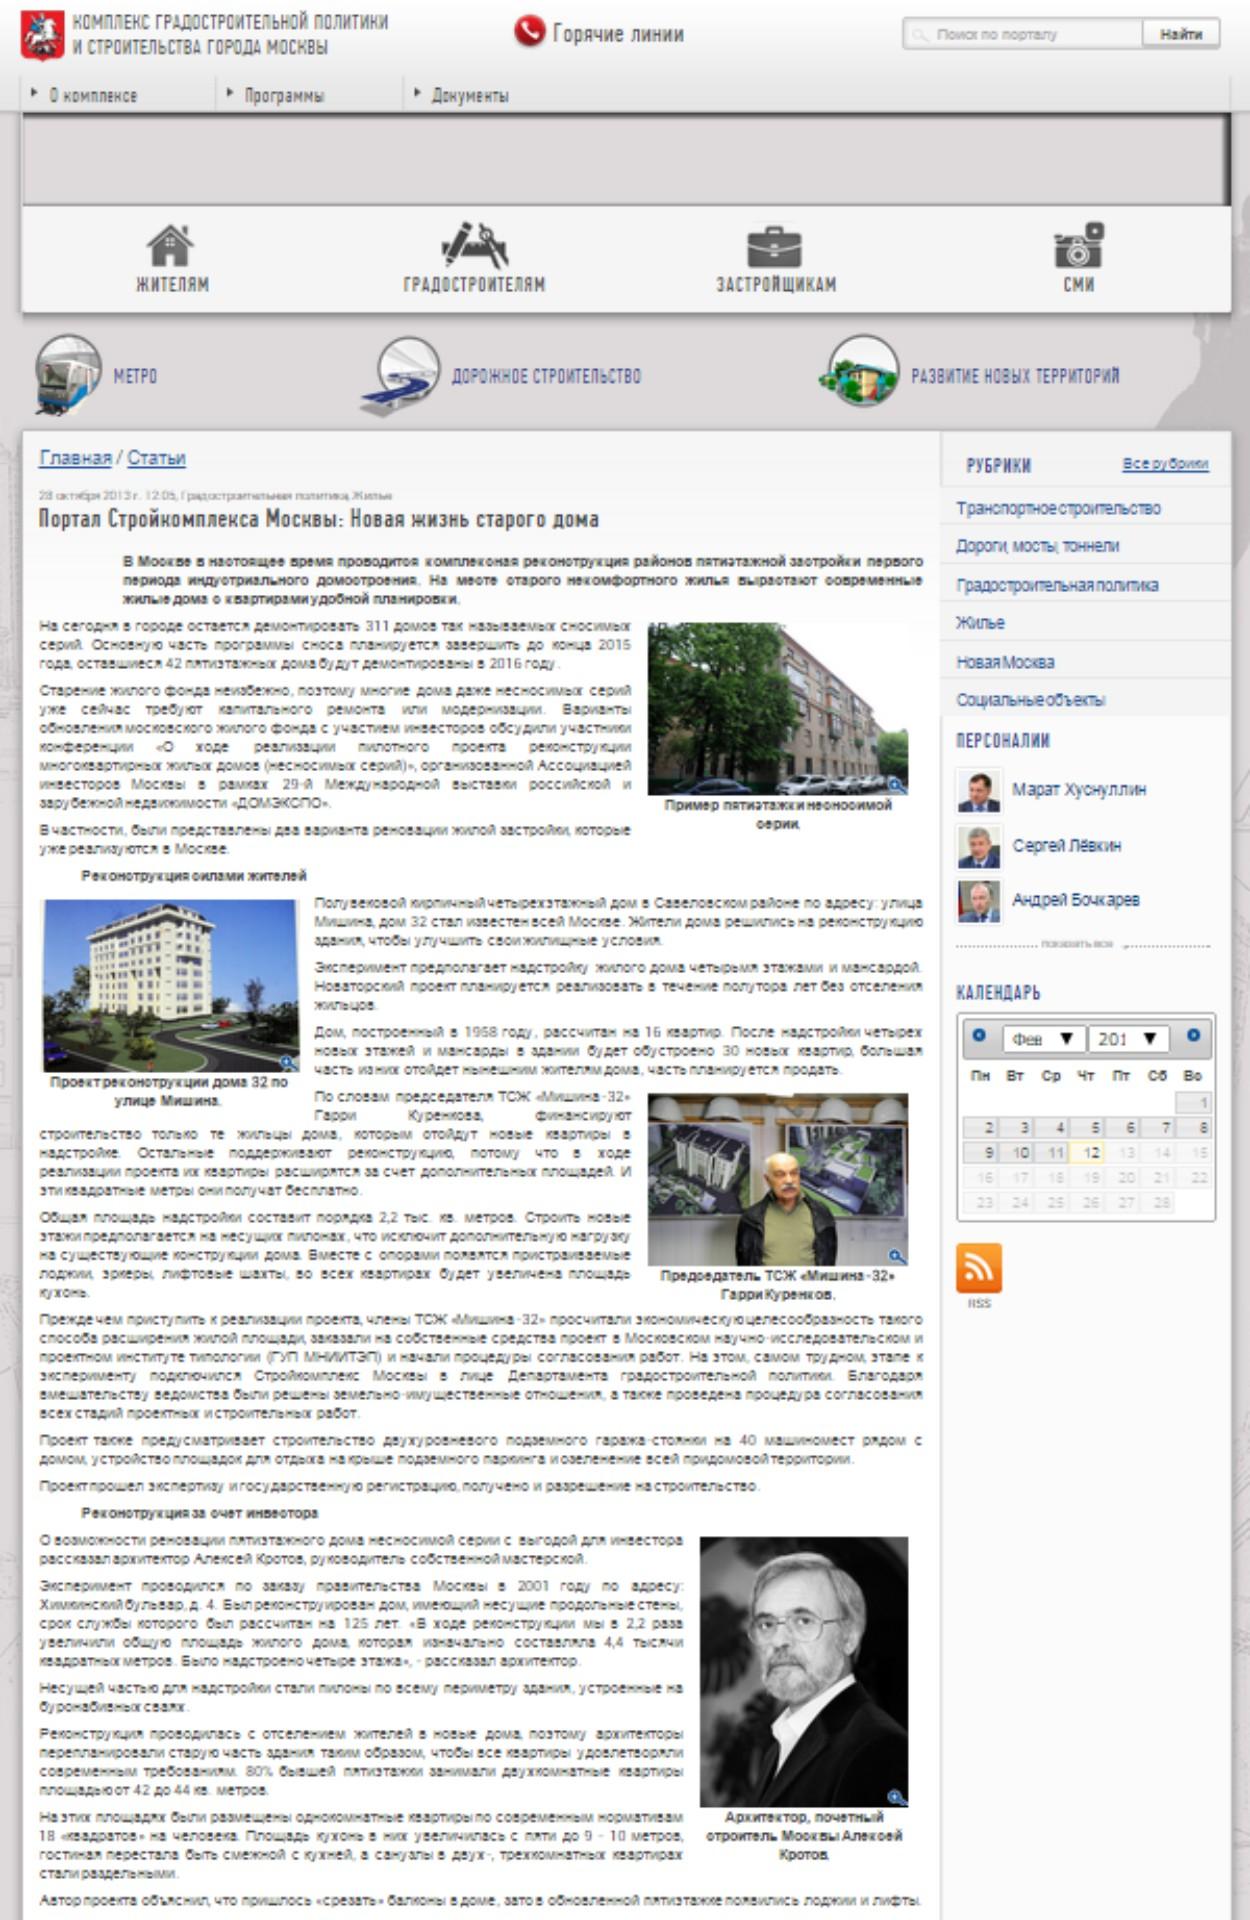 Портал стройкомплекса Москвы